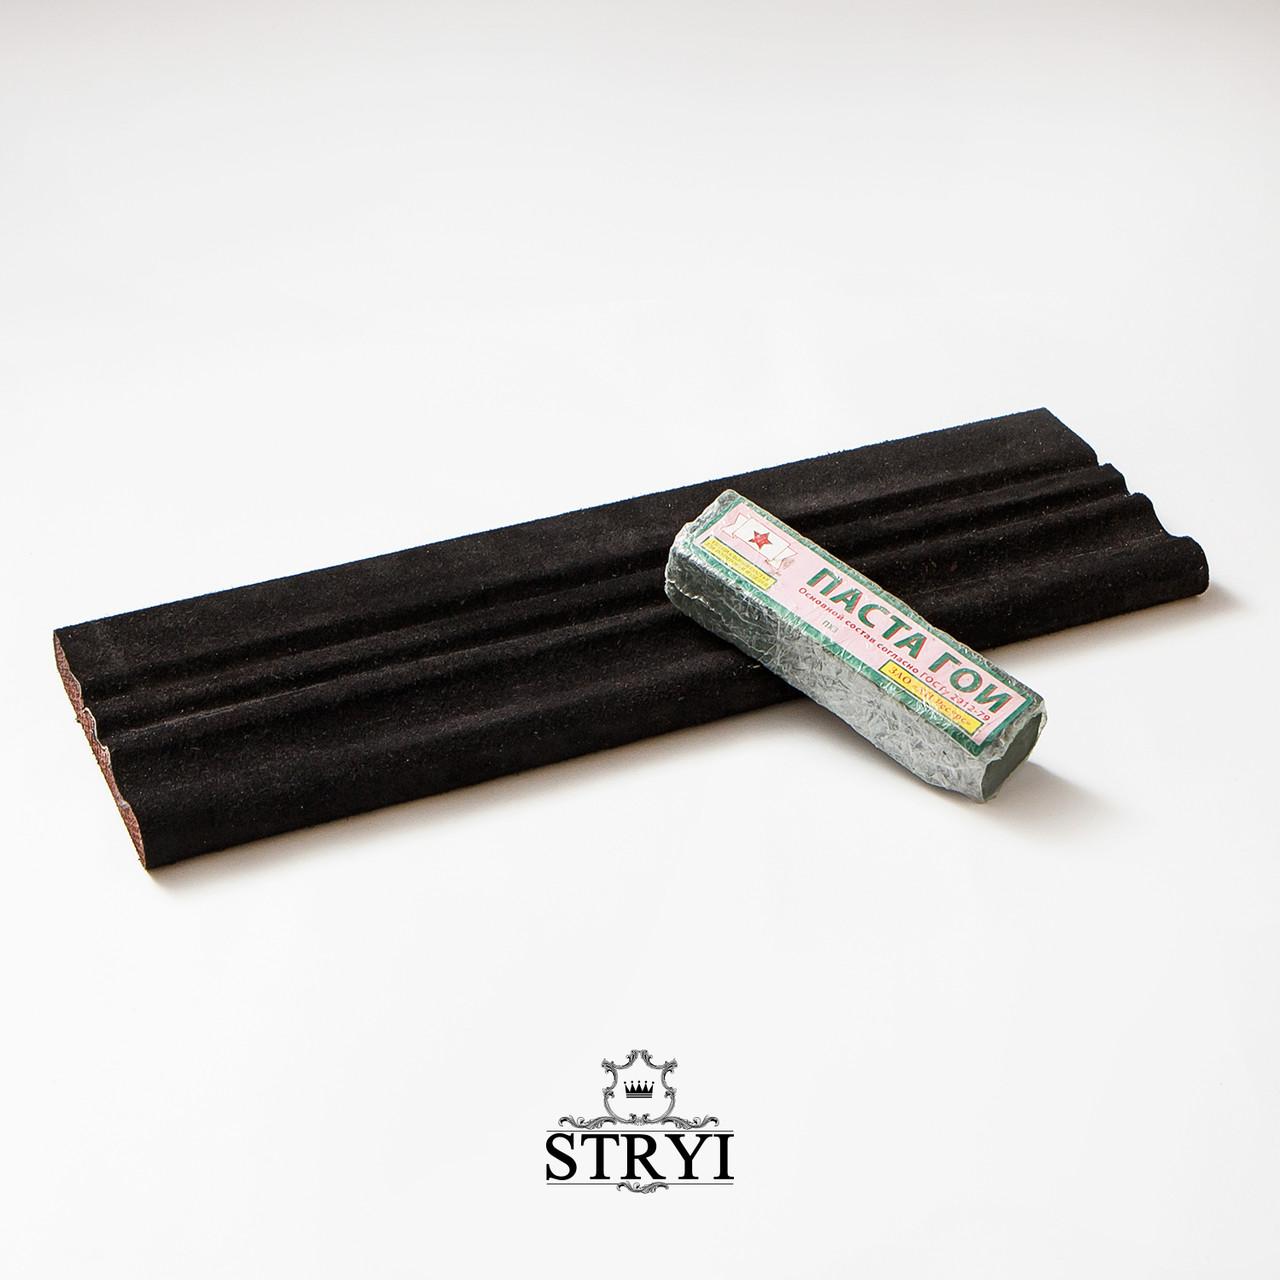 Профильный брусок для заточки, правки и доводки инструмента 40 см + Паста Гои